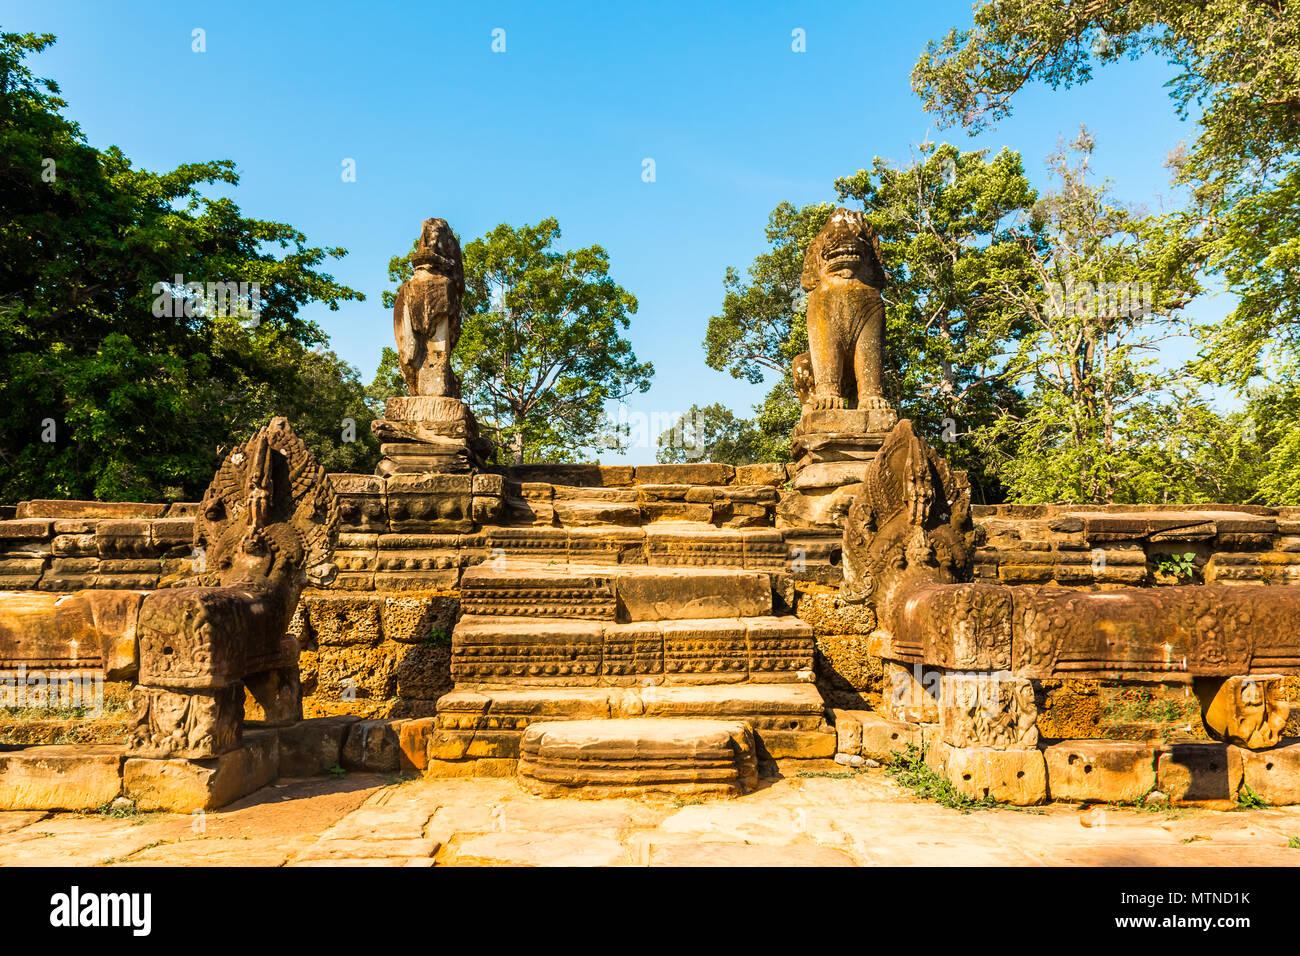 Srah Srang with Lion and Naga statues in Angkor, Cambodia - Stock Image